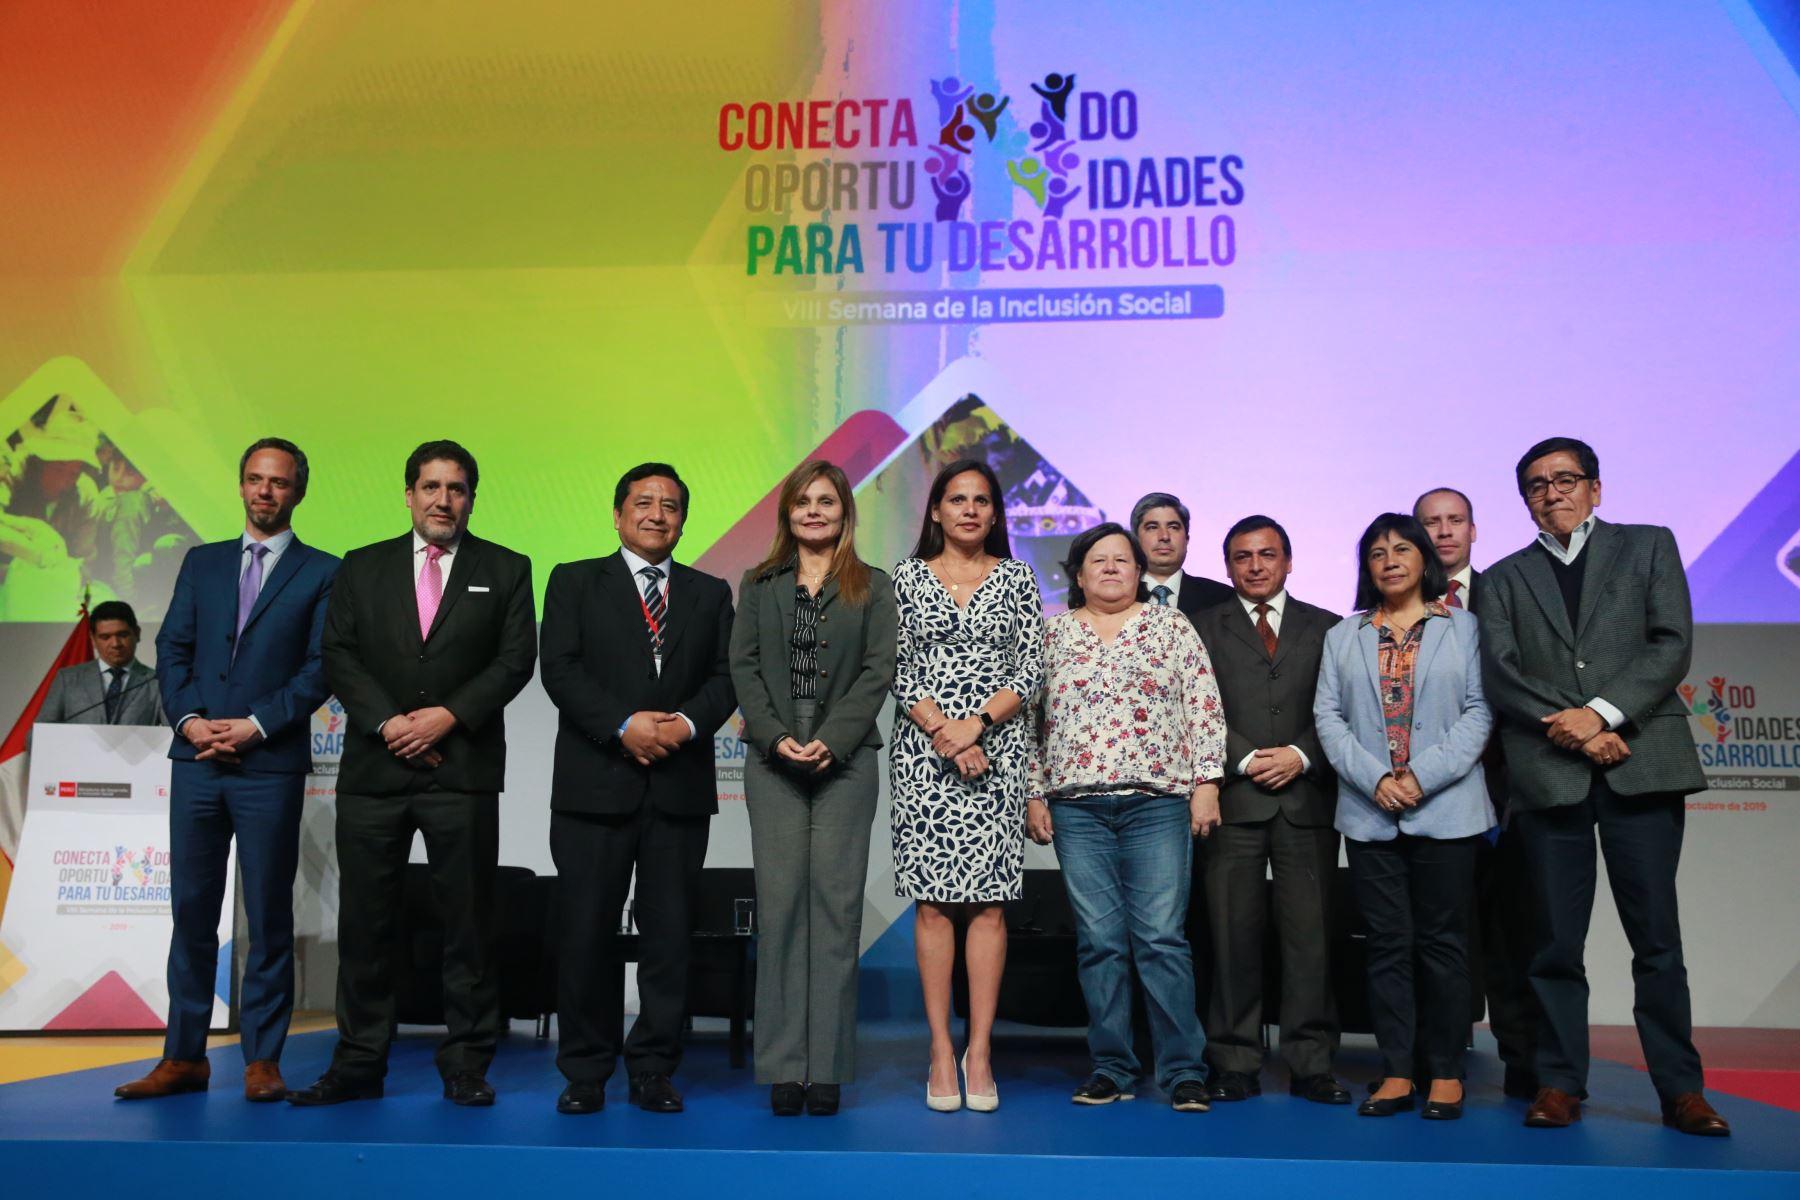 Fotografia de los Expositores y panelistas de la VIII Semana de Inclusion Social. Foto:ANDINA/ Jhony Laurente